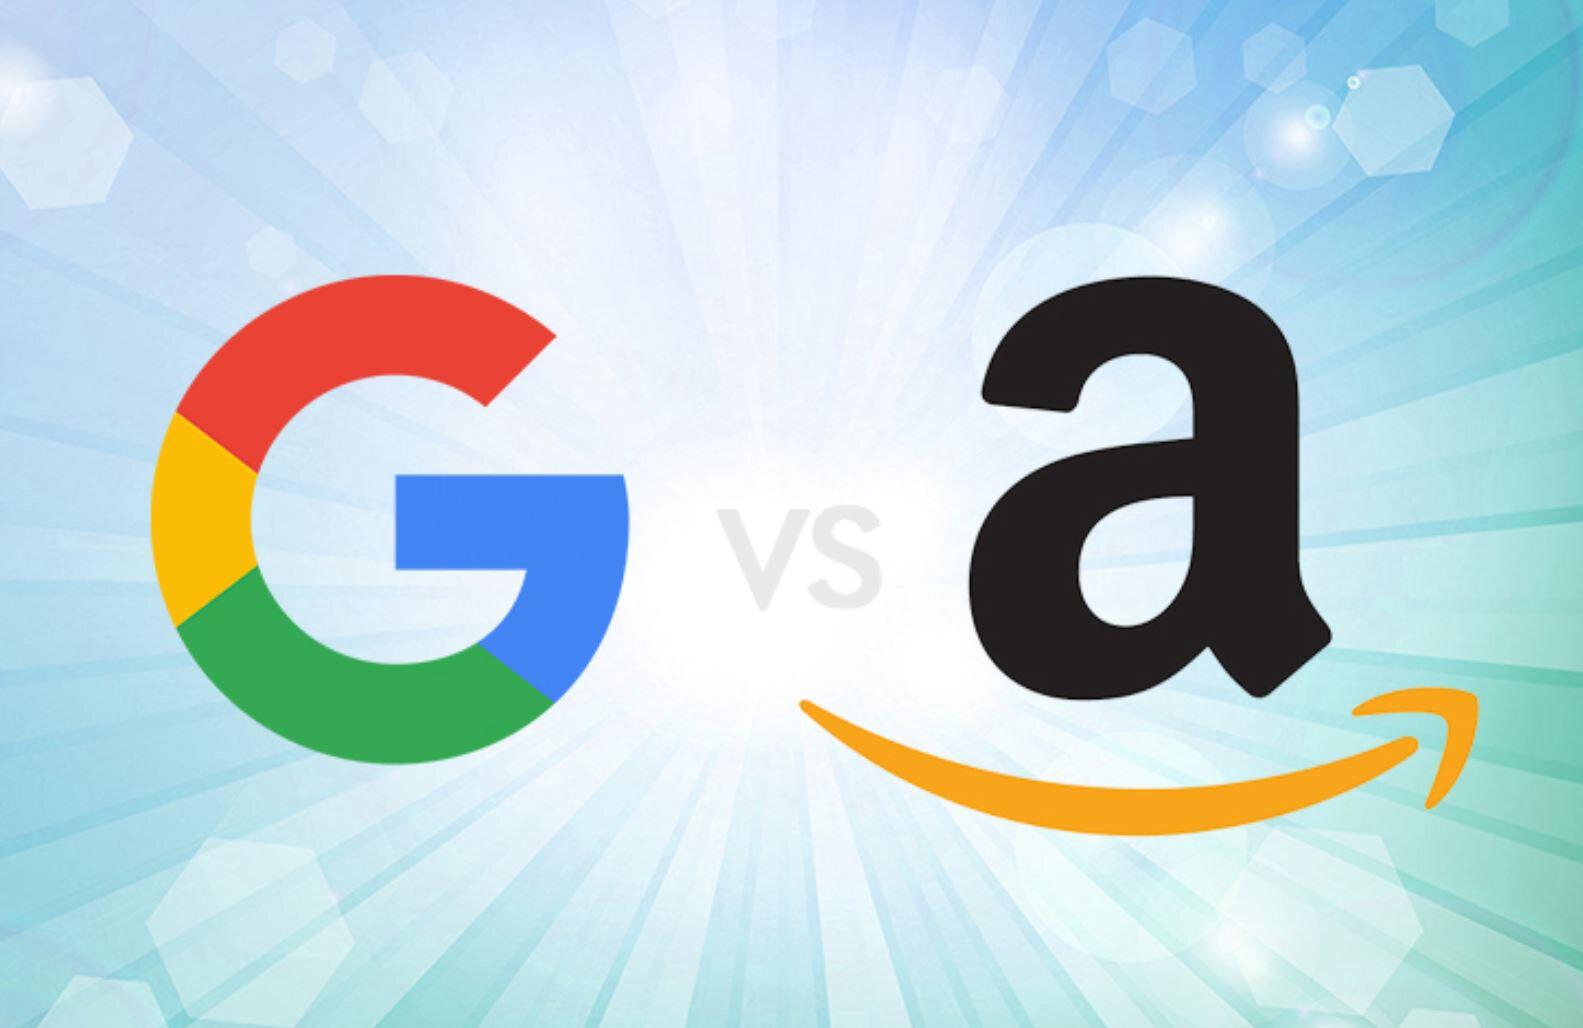 Google ve Amazon'un 2019'da kablosuz kulaklıklarını tanıtması bekleniyor.